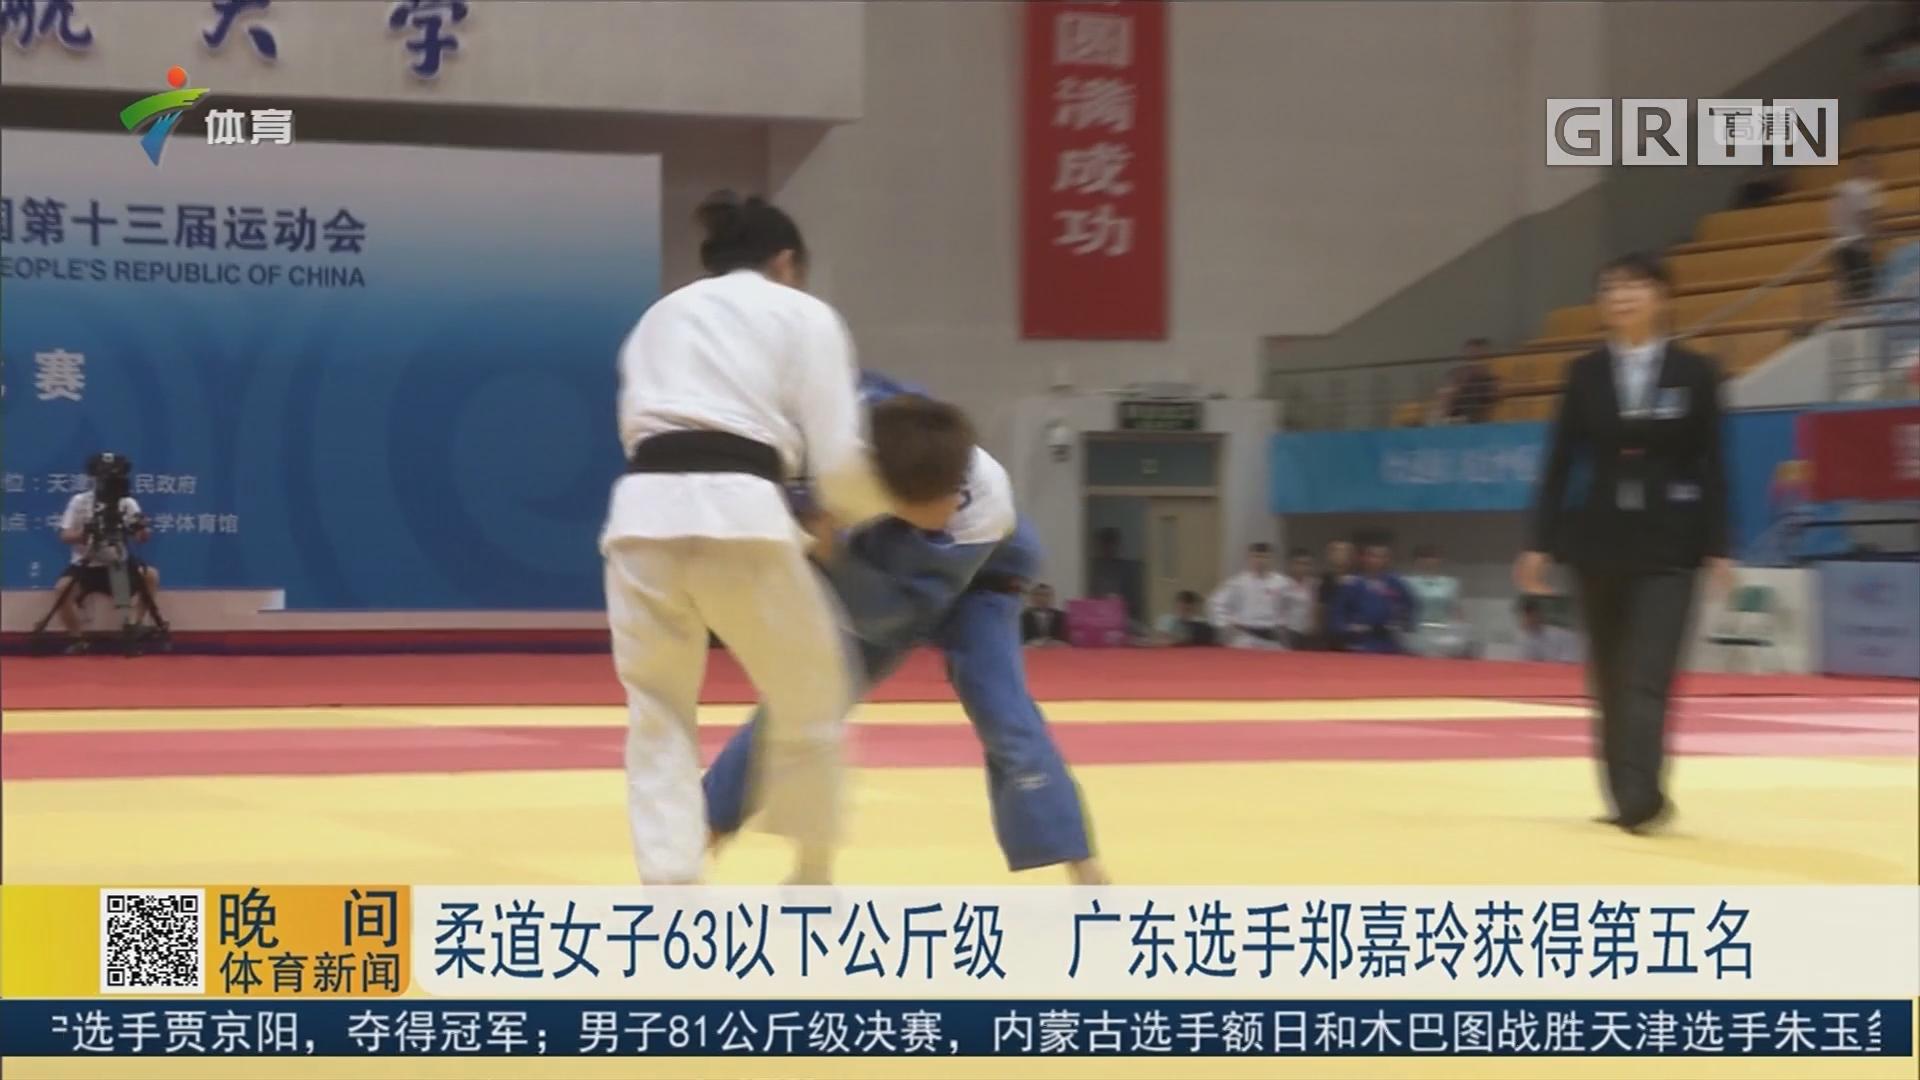 柔道女子63以下公斤级 广东选手郑嘉玲获得第五名